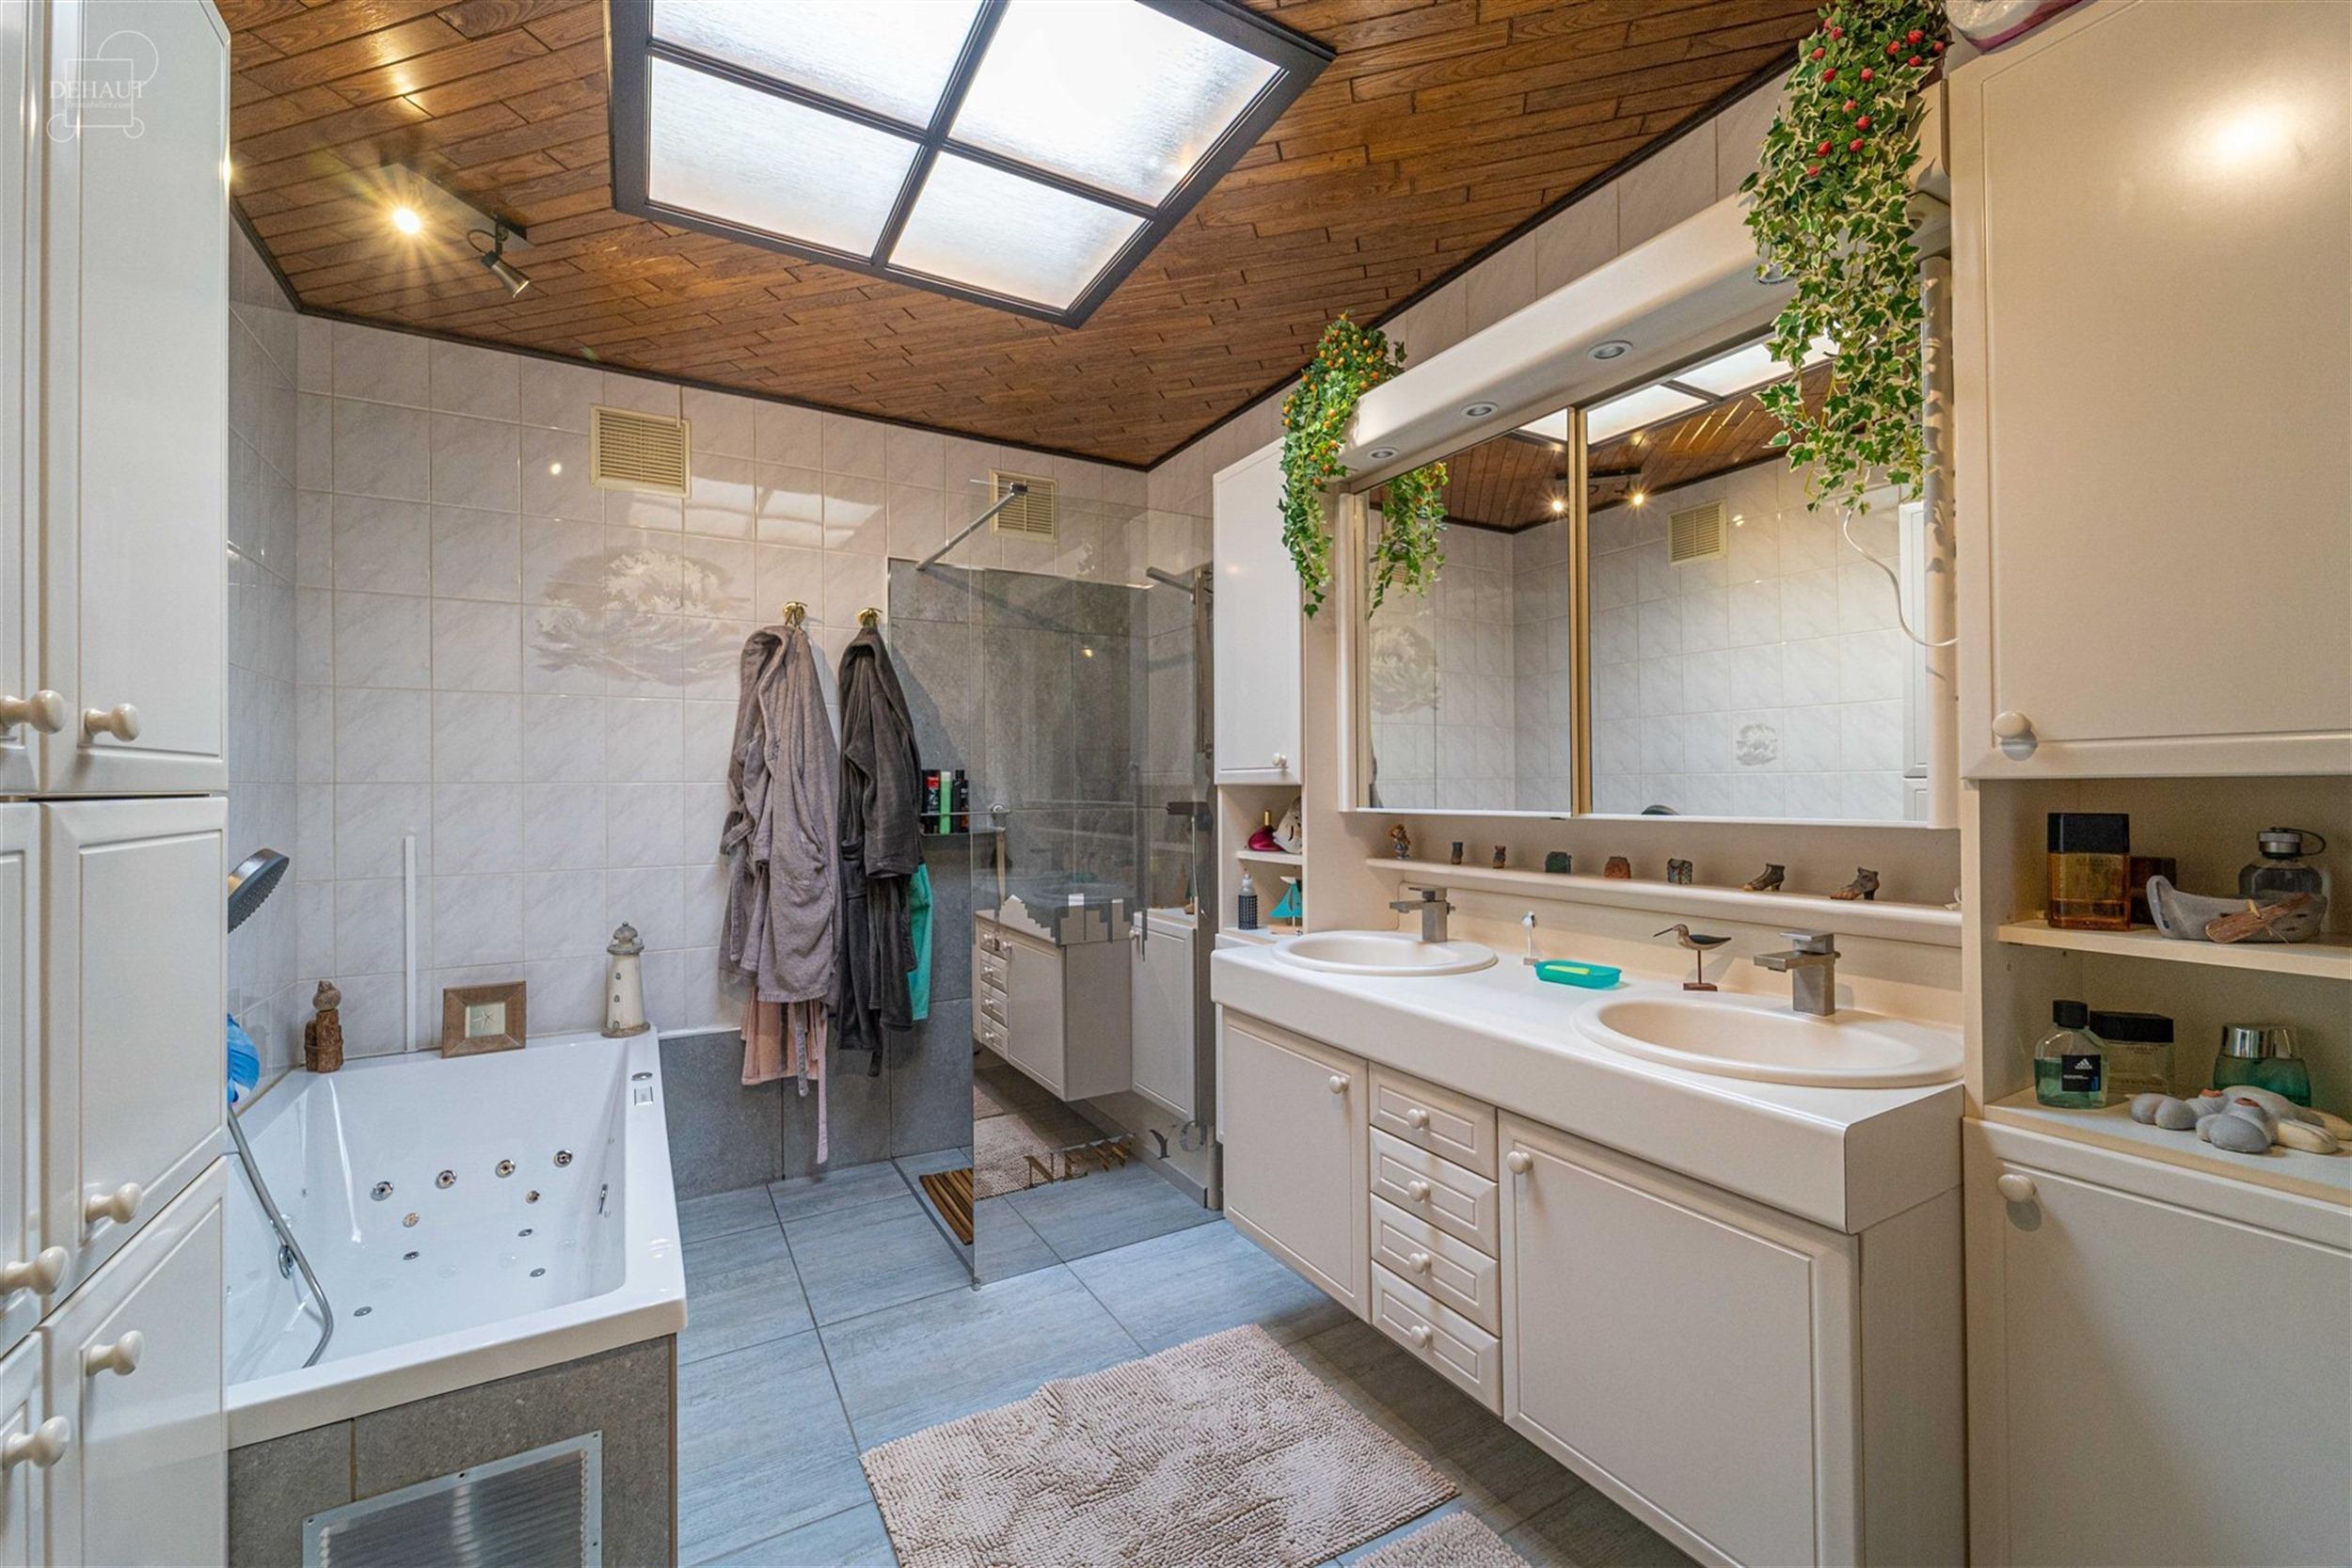 Grande maison 3 façades avec garage, 5 chambres et agréable jardin avec terrasse et vivier située dans une rue calme. Propose un hall d'entrée, be...